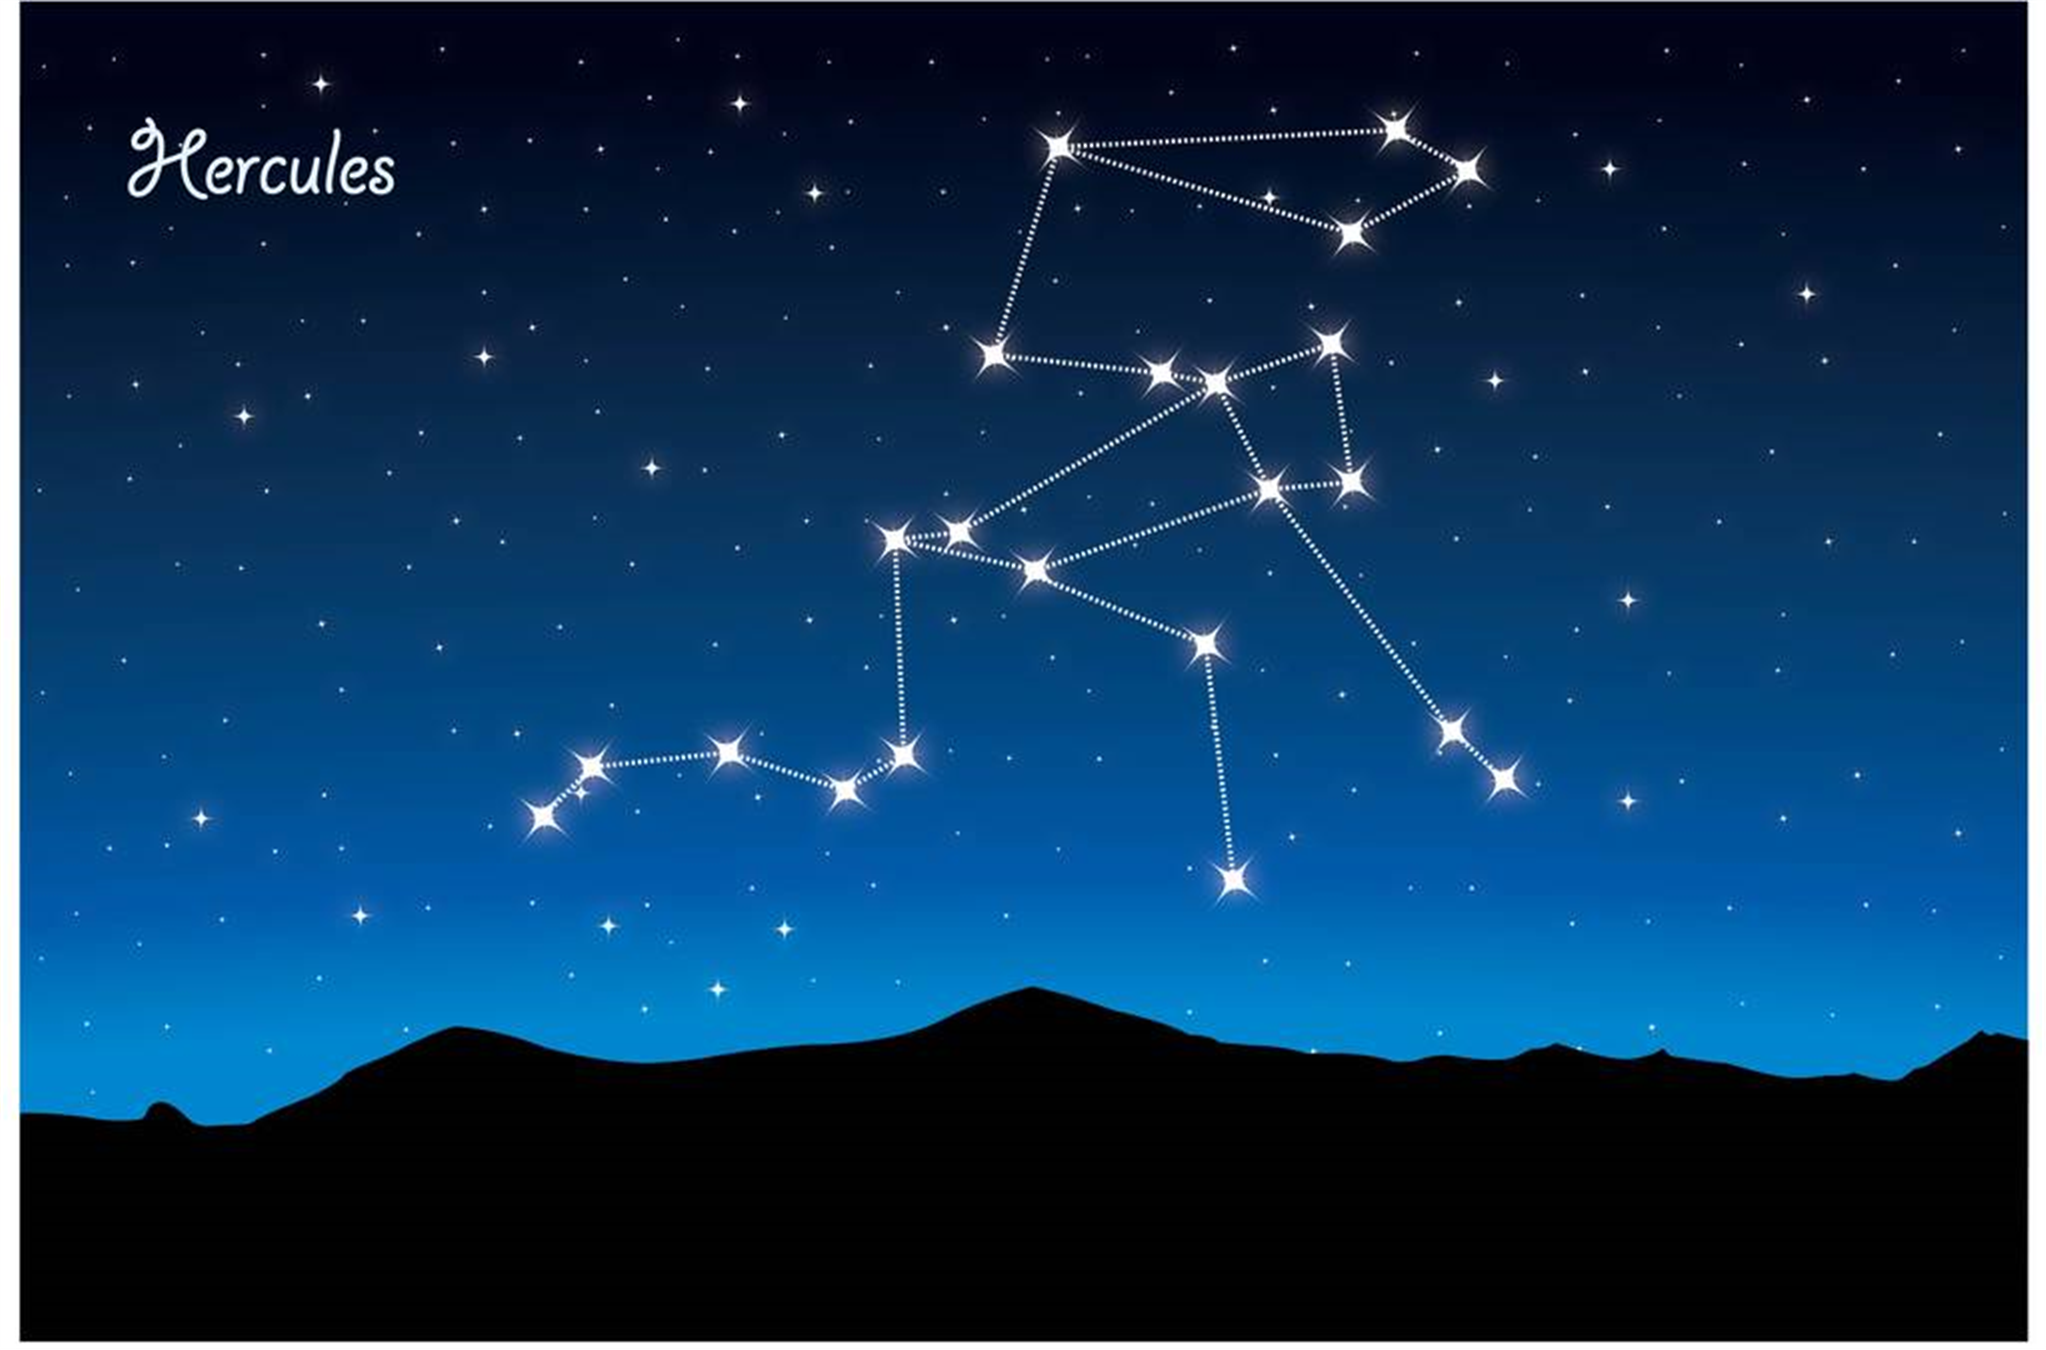 星座查询表农历和阳历还是阴历 自己的星座是农历吗